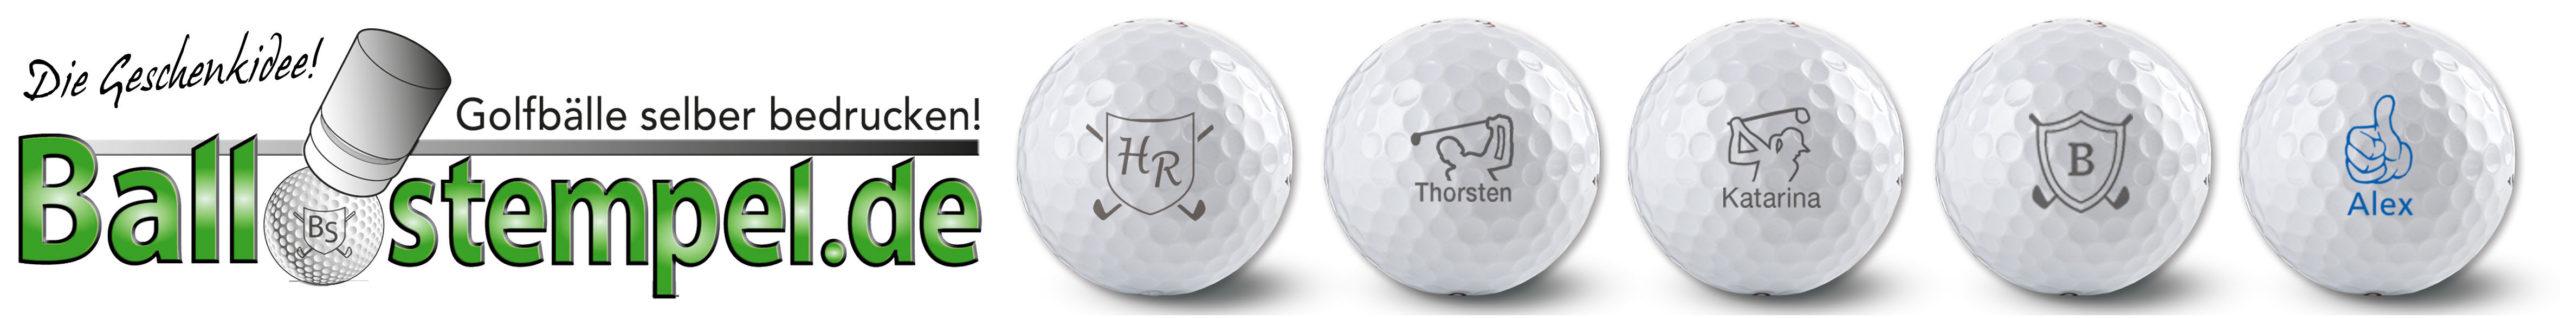 Der Golfballstempel, die Geschenk Idee für Golfer